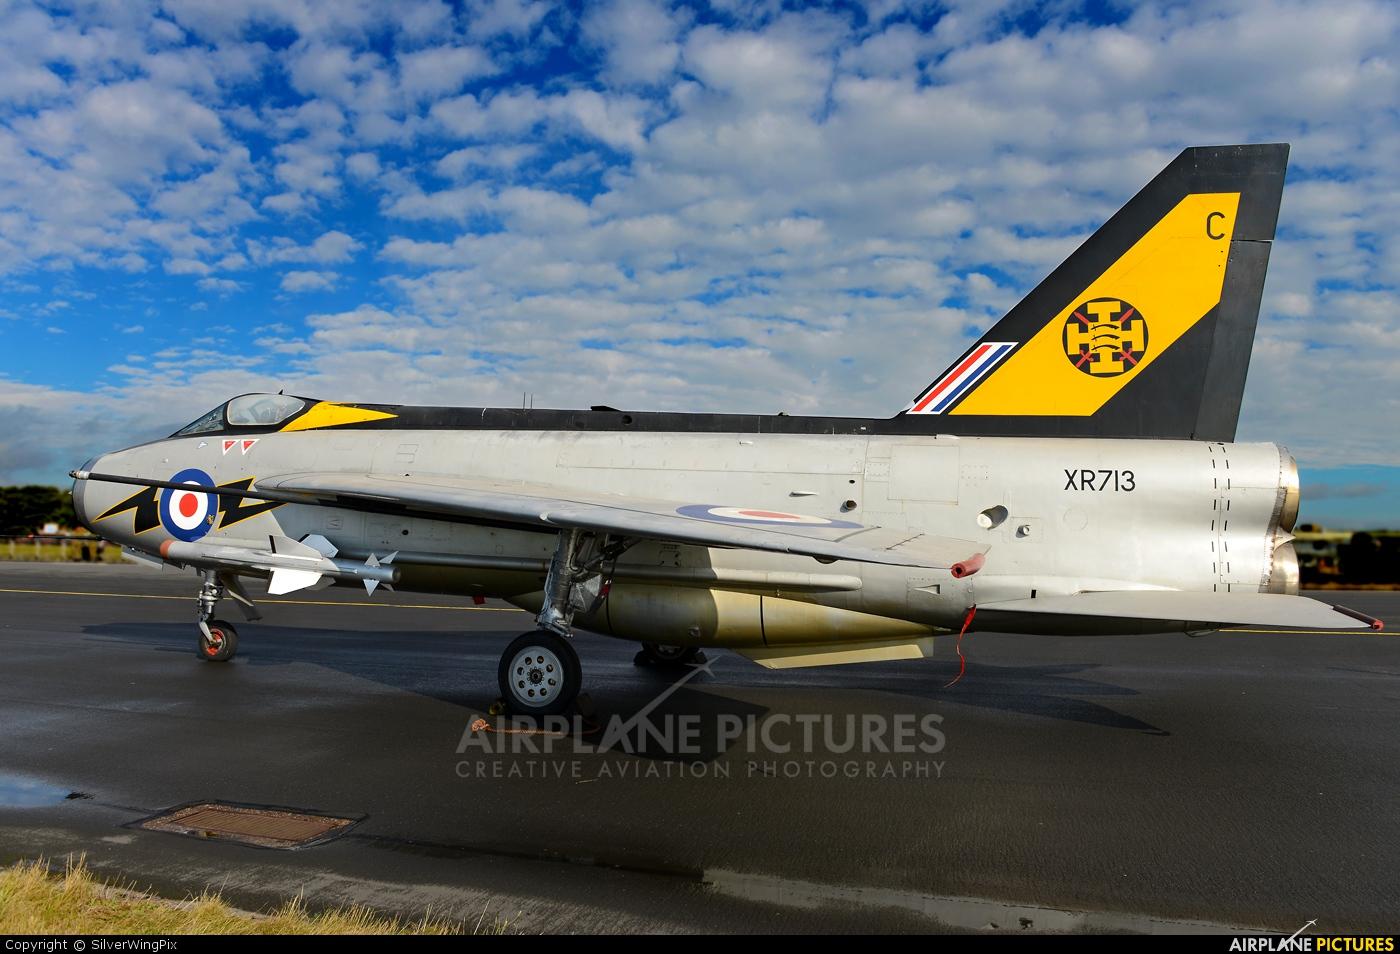 Royal Air Force XR713 aircraft at Leuchars